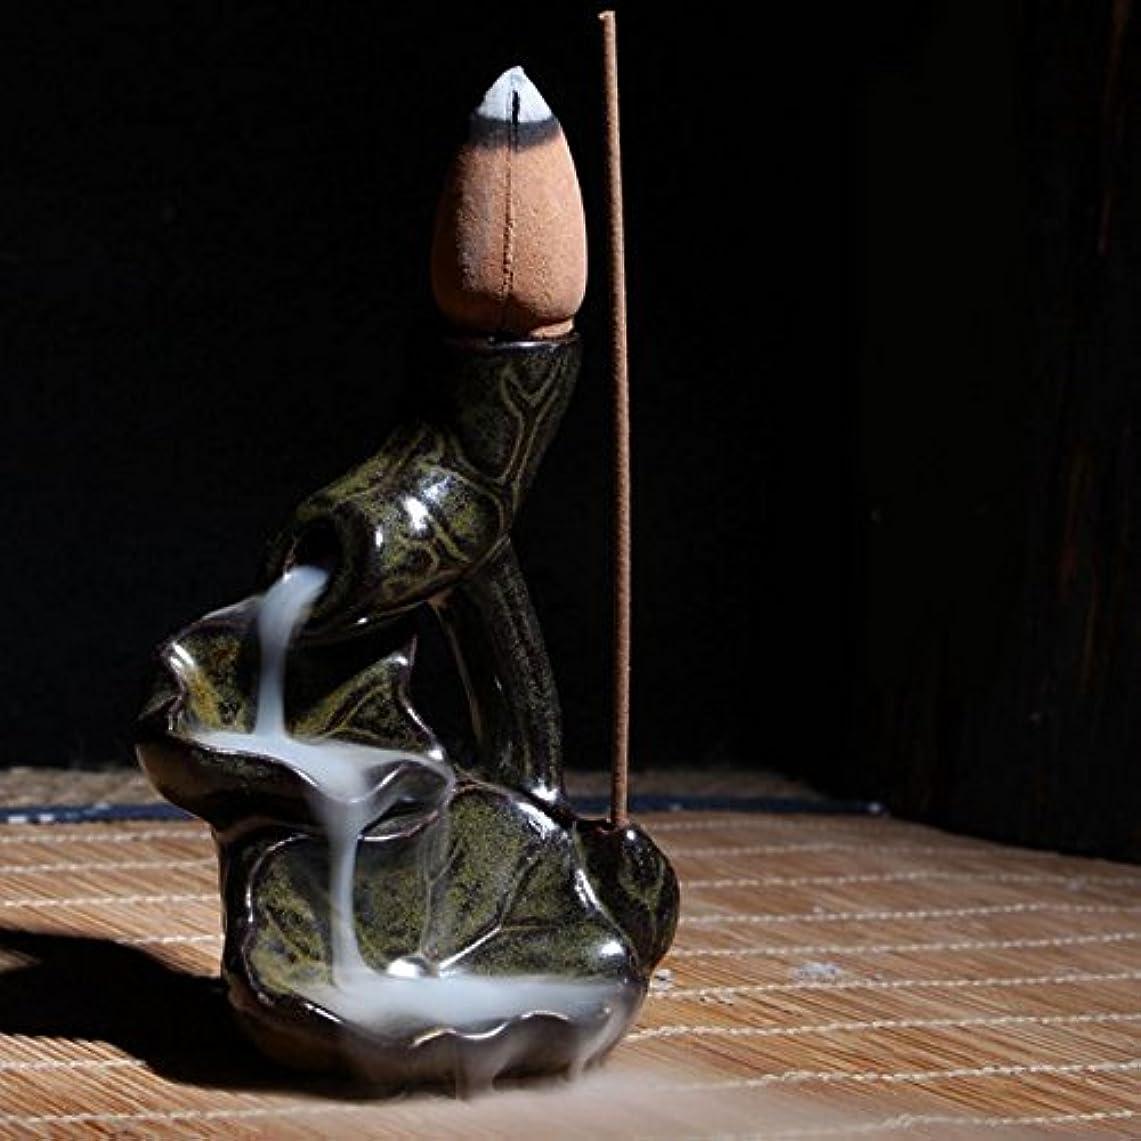 アーティファクトテント時刻表香炉ホルダー – 1 Piece Water LilyセラミックGlaze逆流香炉ホルダーコーン香立てホーム